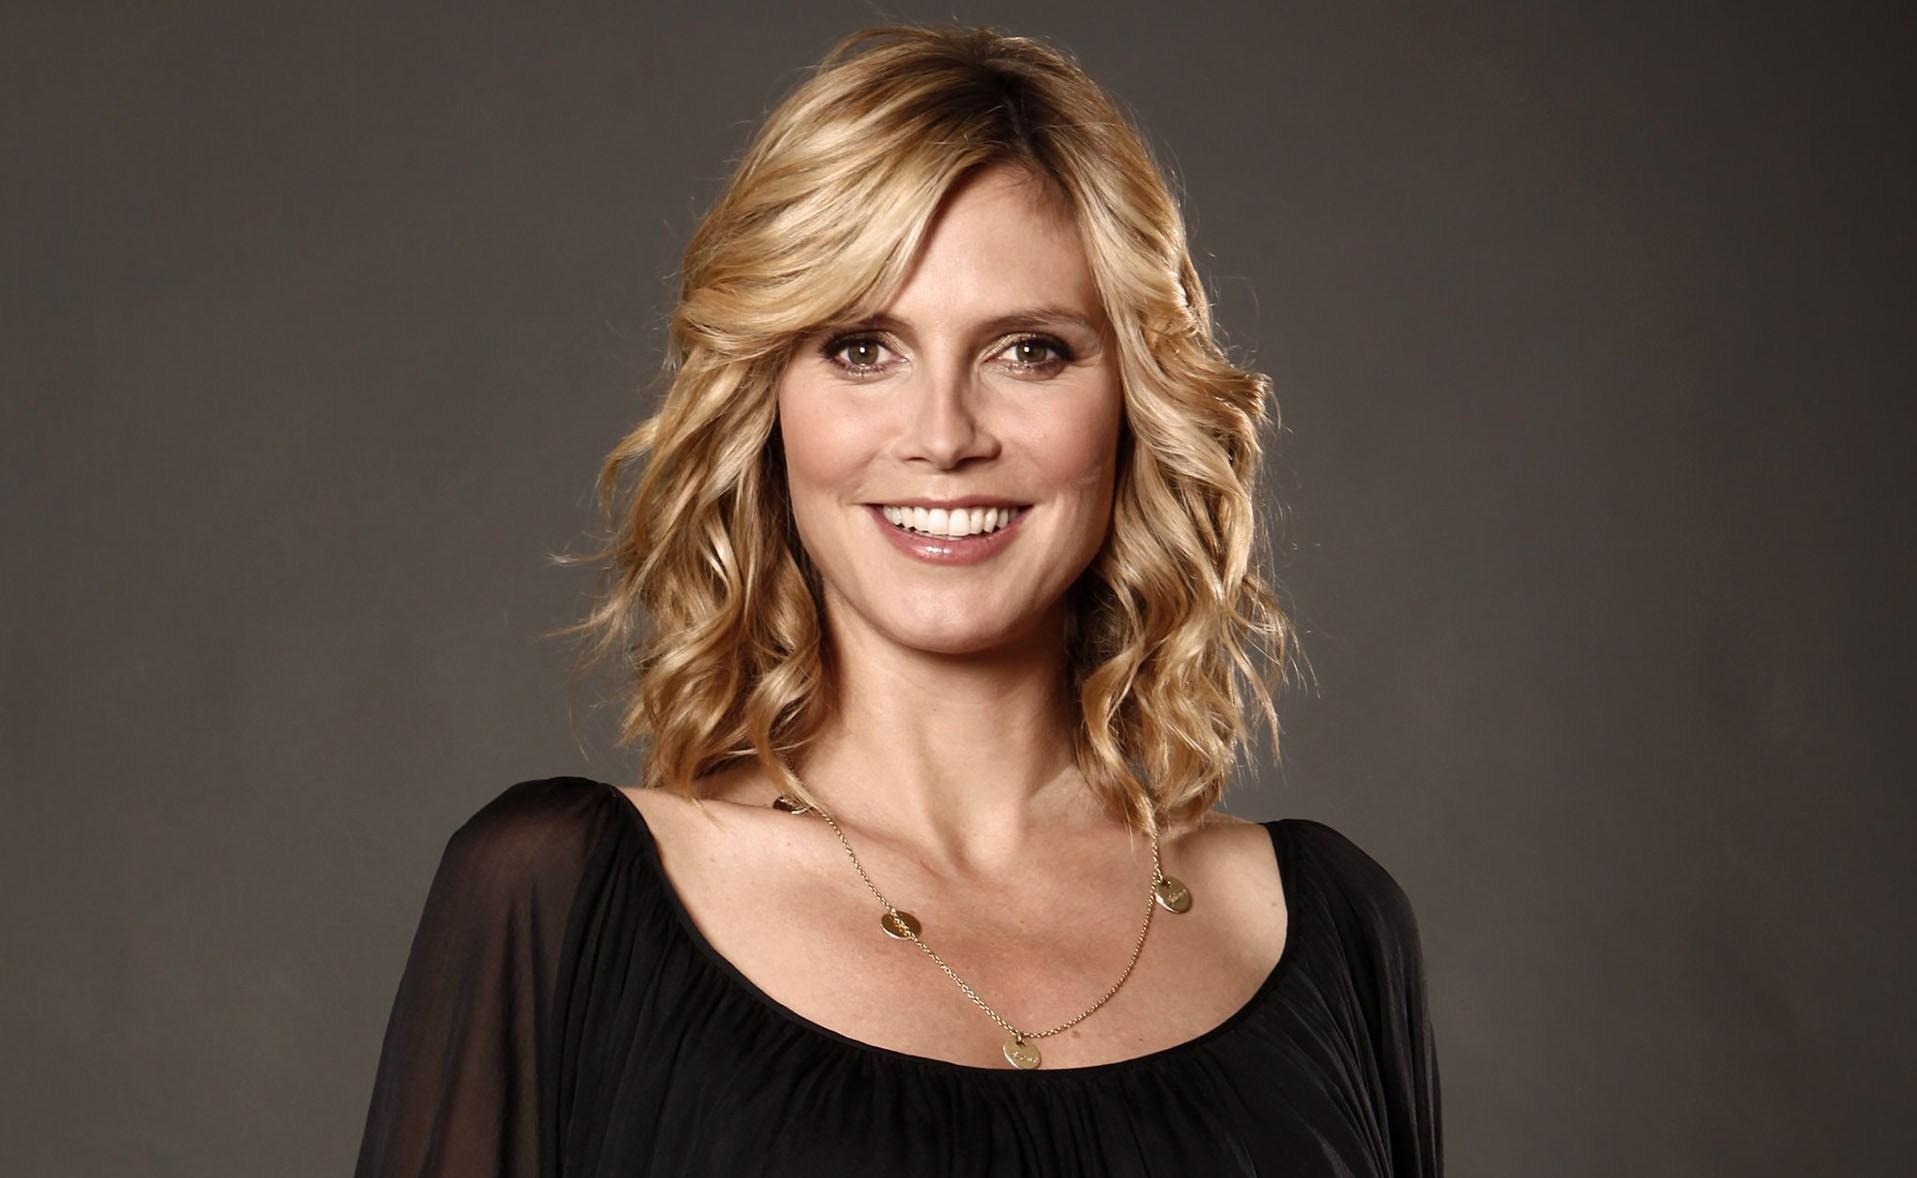 Hintergrundbilder Gesicht Modell Porträt Blond Lange Haare